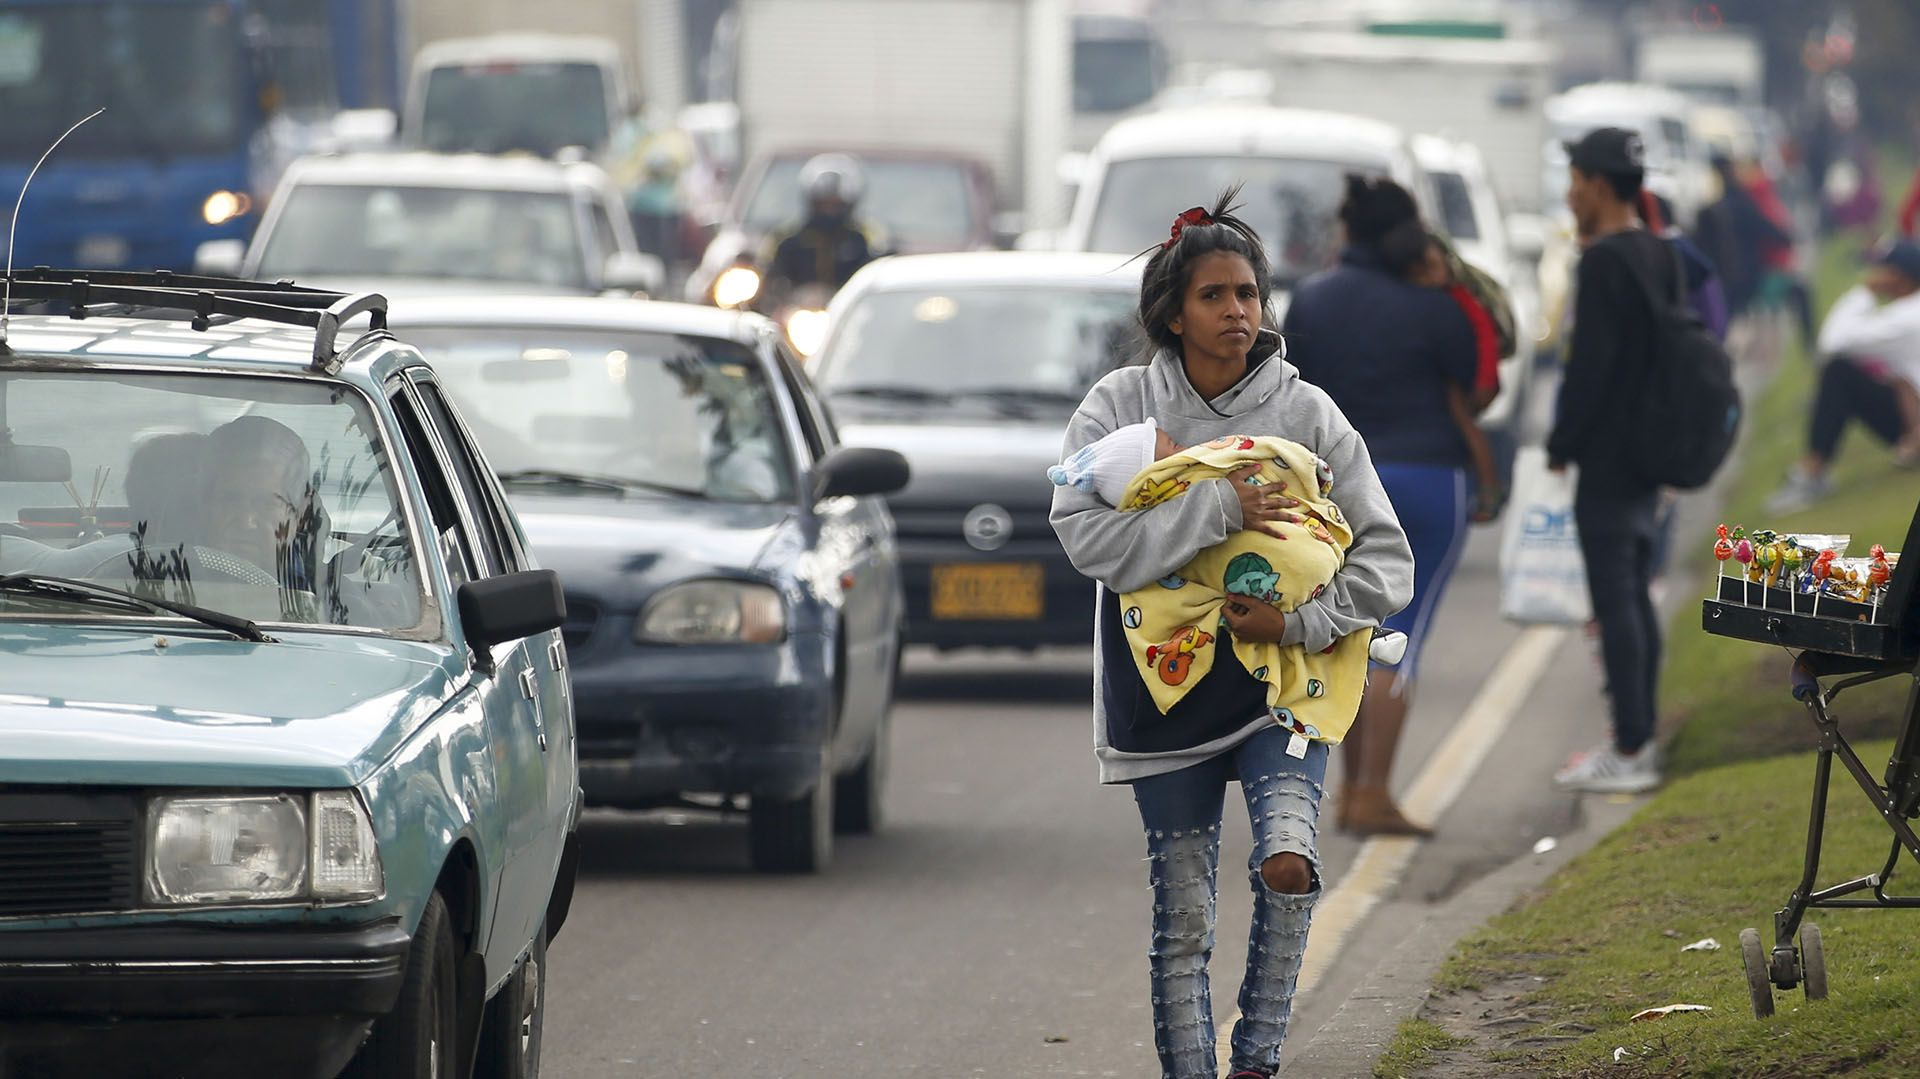 Una migrante venezolana, acunando a un bebé, camina por una avenida donde pide a los conductores su cambio de repuesto, en Bogotá, Colombia, el jueves 4 de abril de 2019. Según la agencia de la ONU para la infancia UNICEF, como resultado de la crisis migratoria de Venezuela, 1,1 millones de niños necesitarán ayuda en toda América Latina y el Caribe en 2019. (Foto AP/Fernando Vergara)